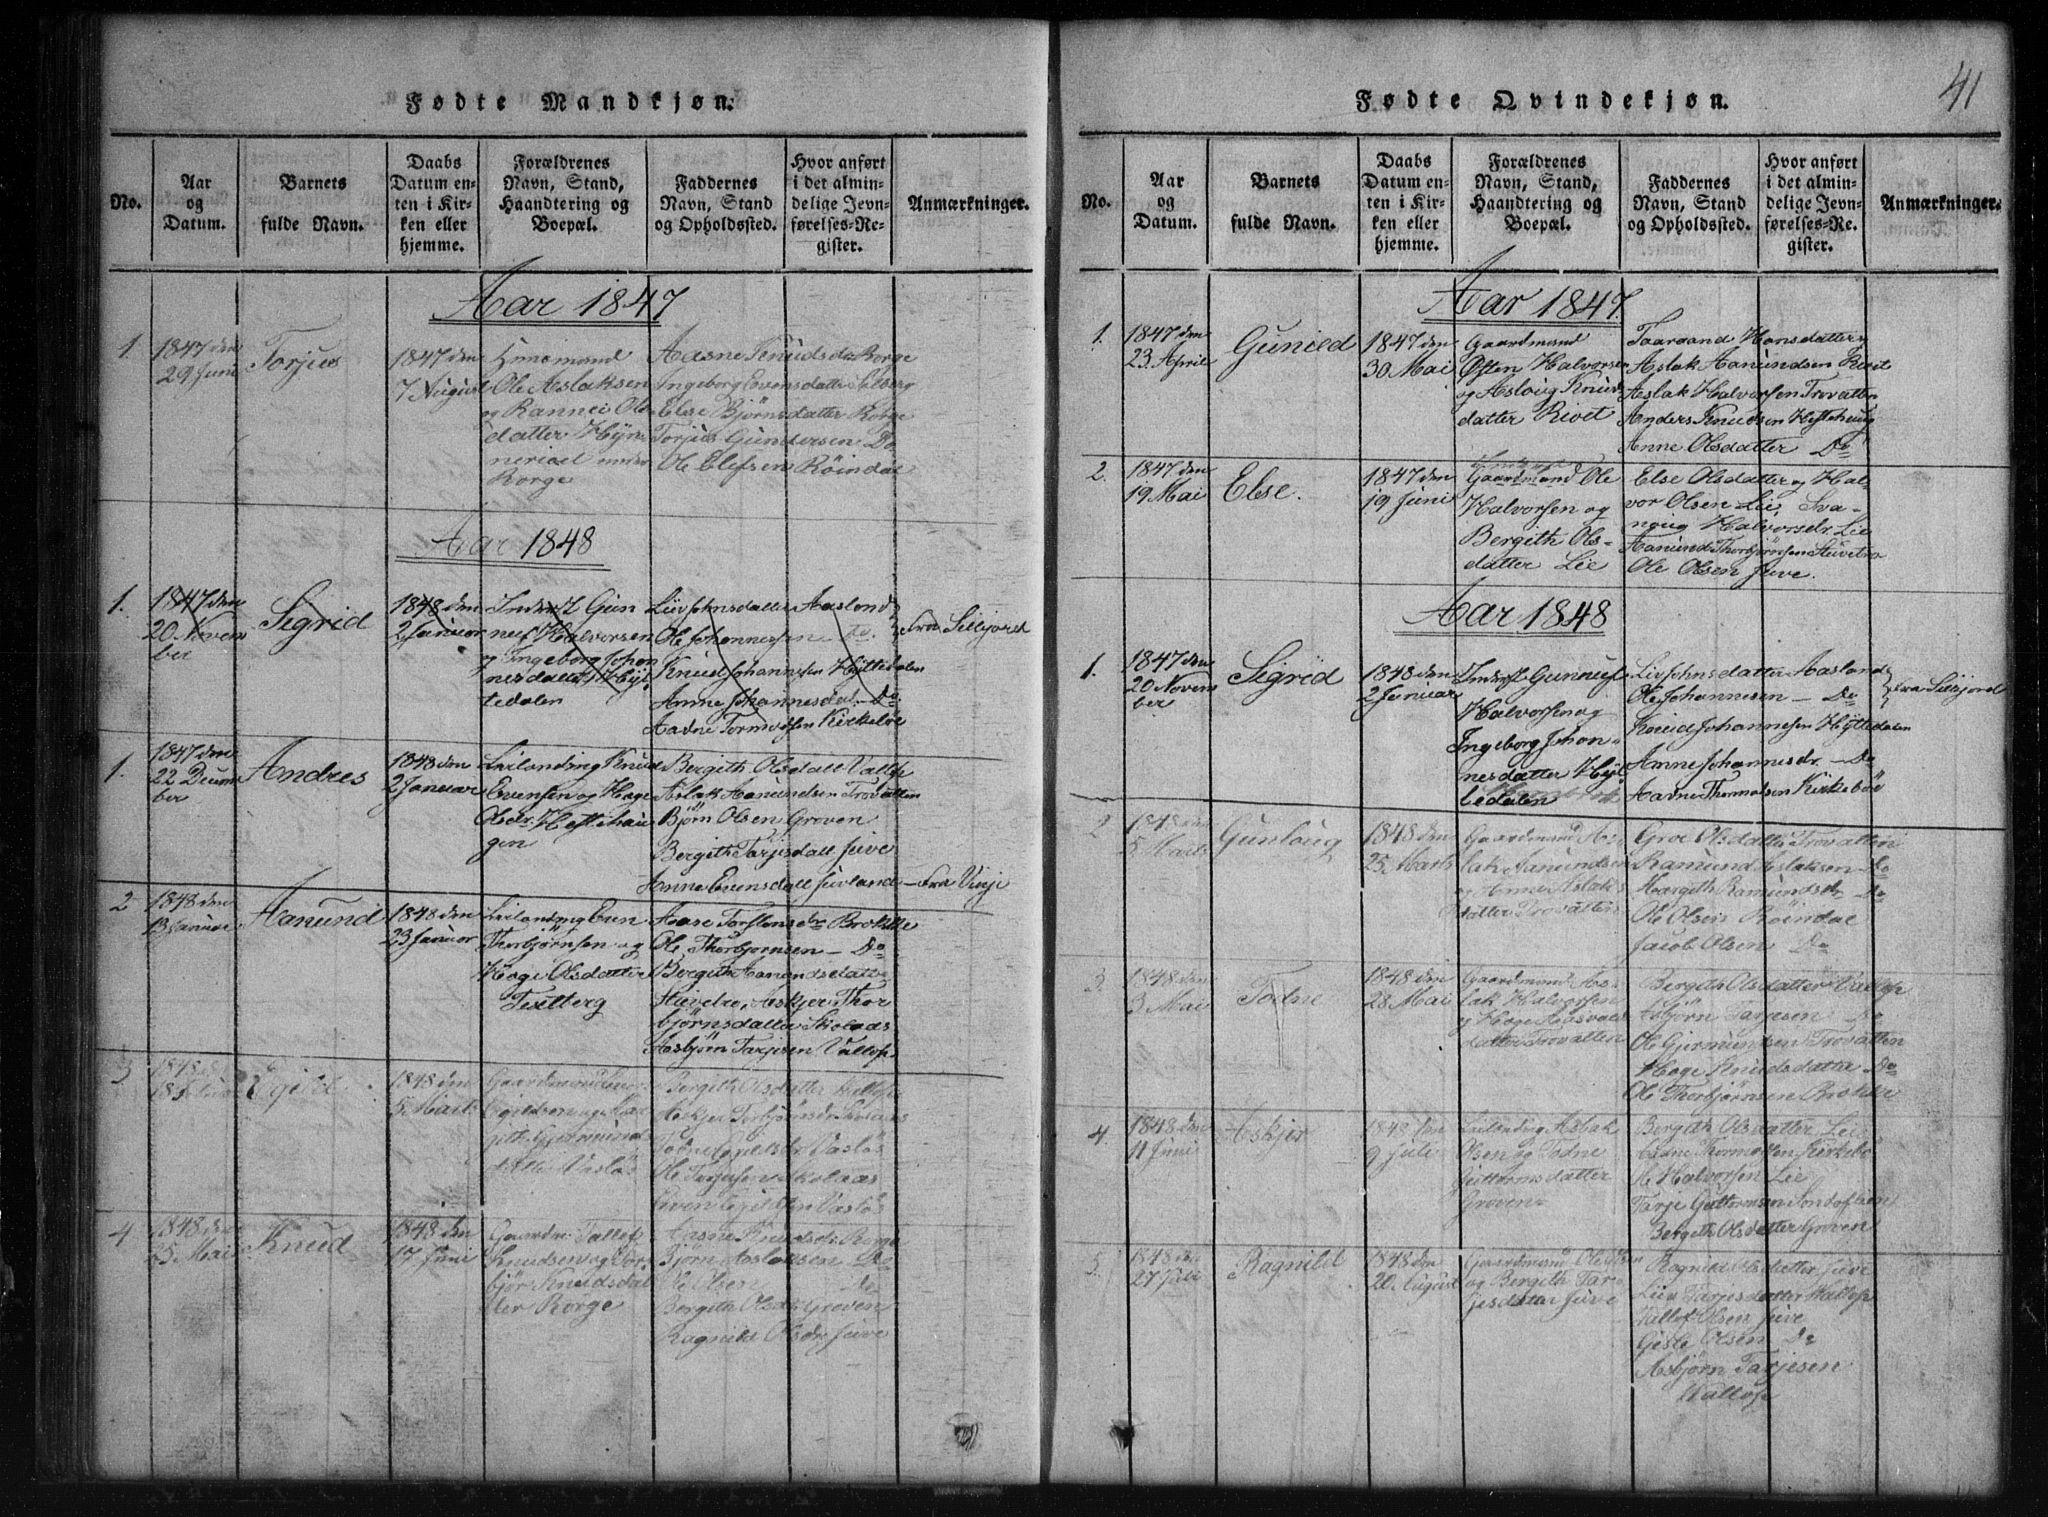 SAKO, Rauland kirkebøker, G/Gb/L0001: Klokkerbok nr. II 1, 1815-1886, s. 41